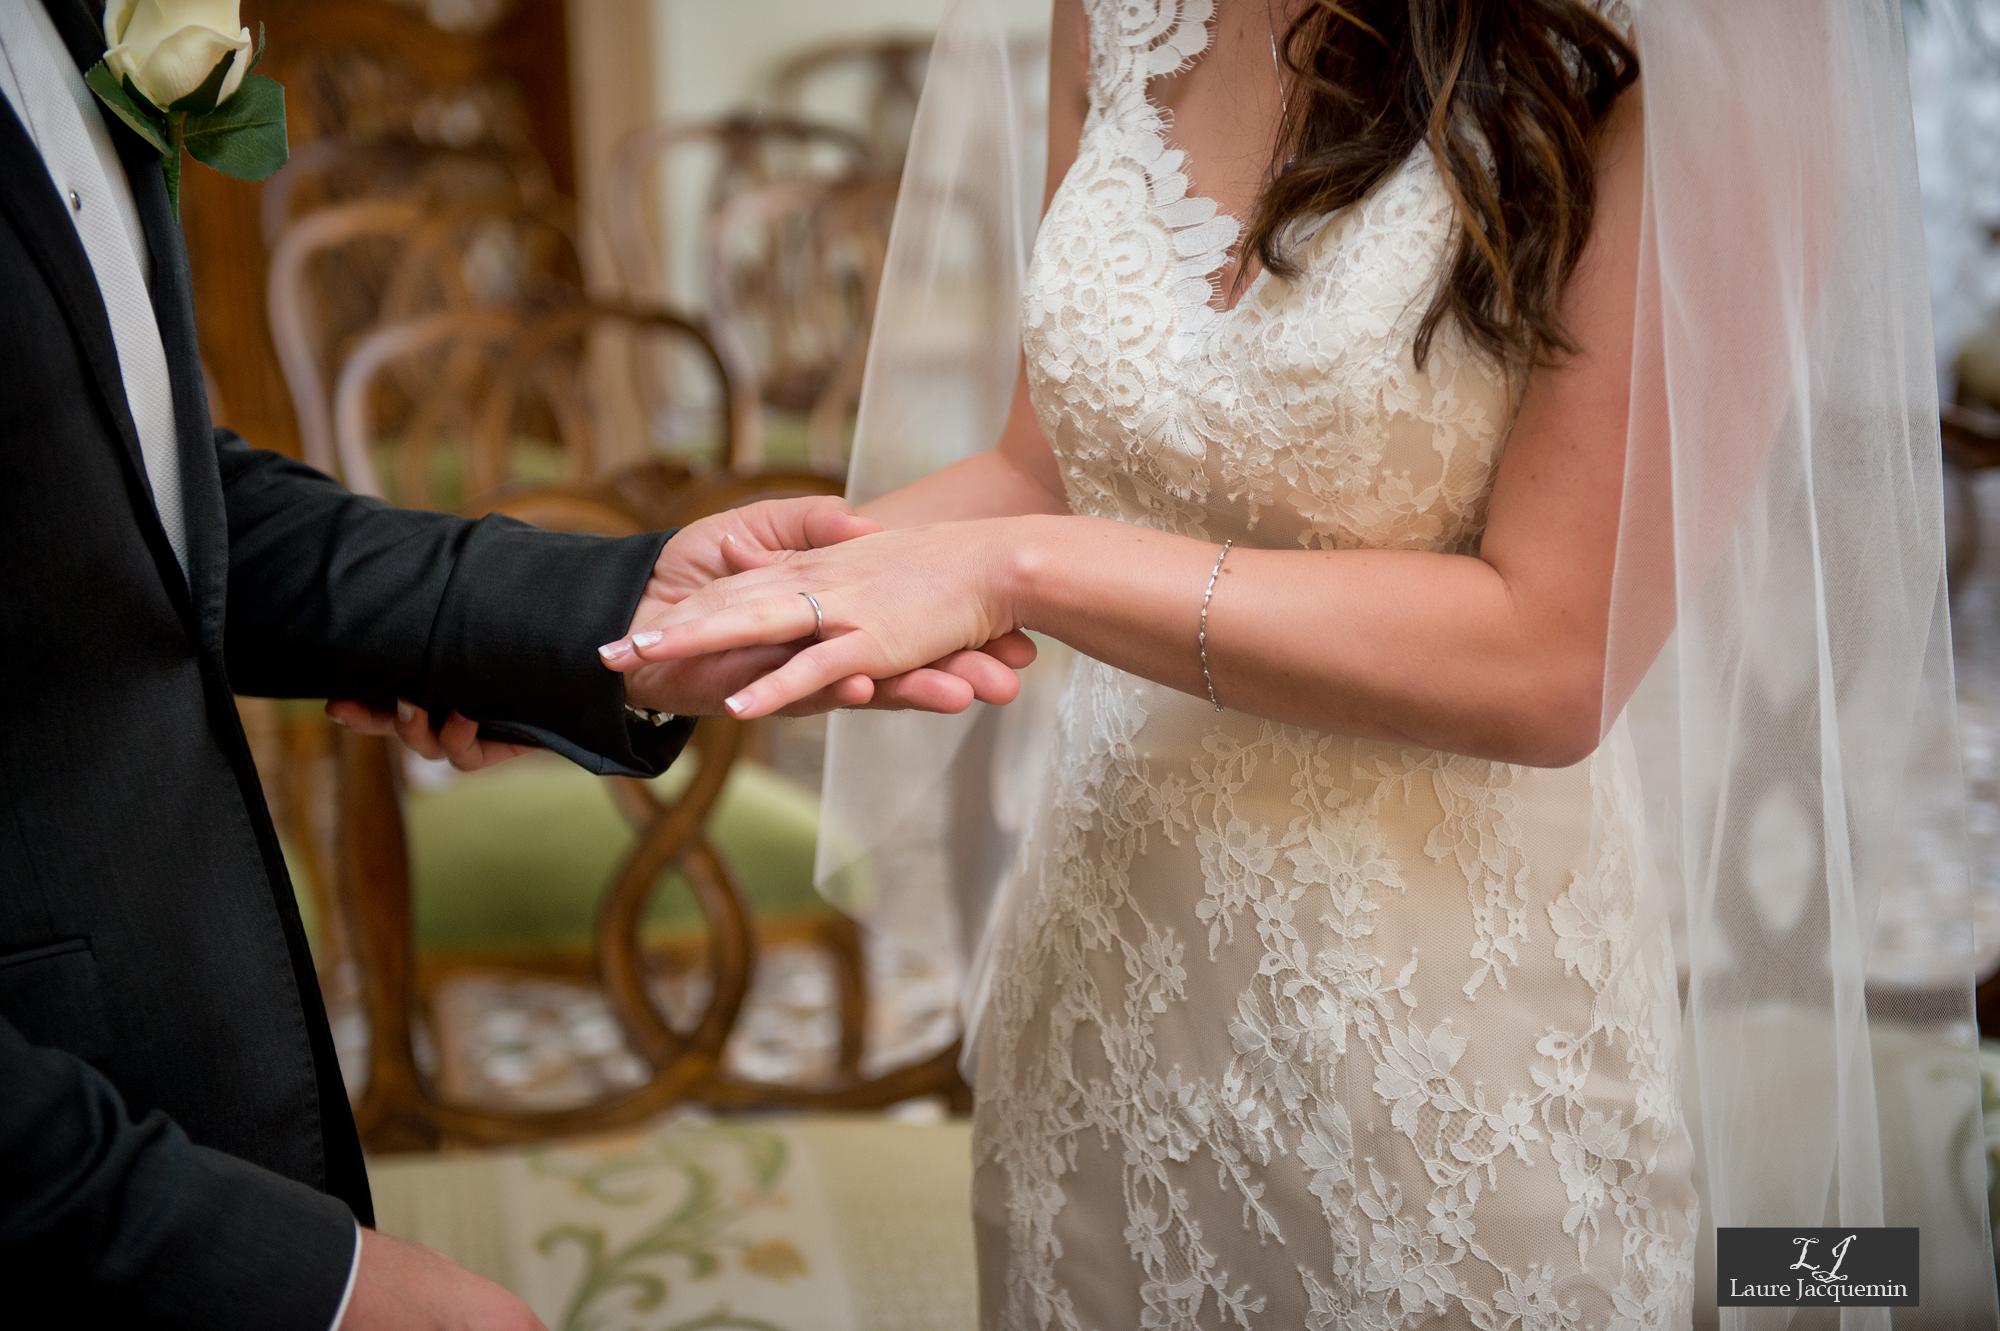 photographe mariage laure jacquemin palazzo cavalli service photographique (23)